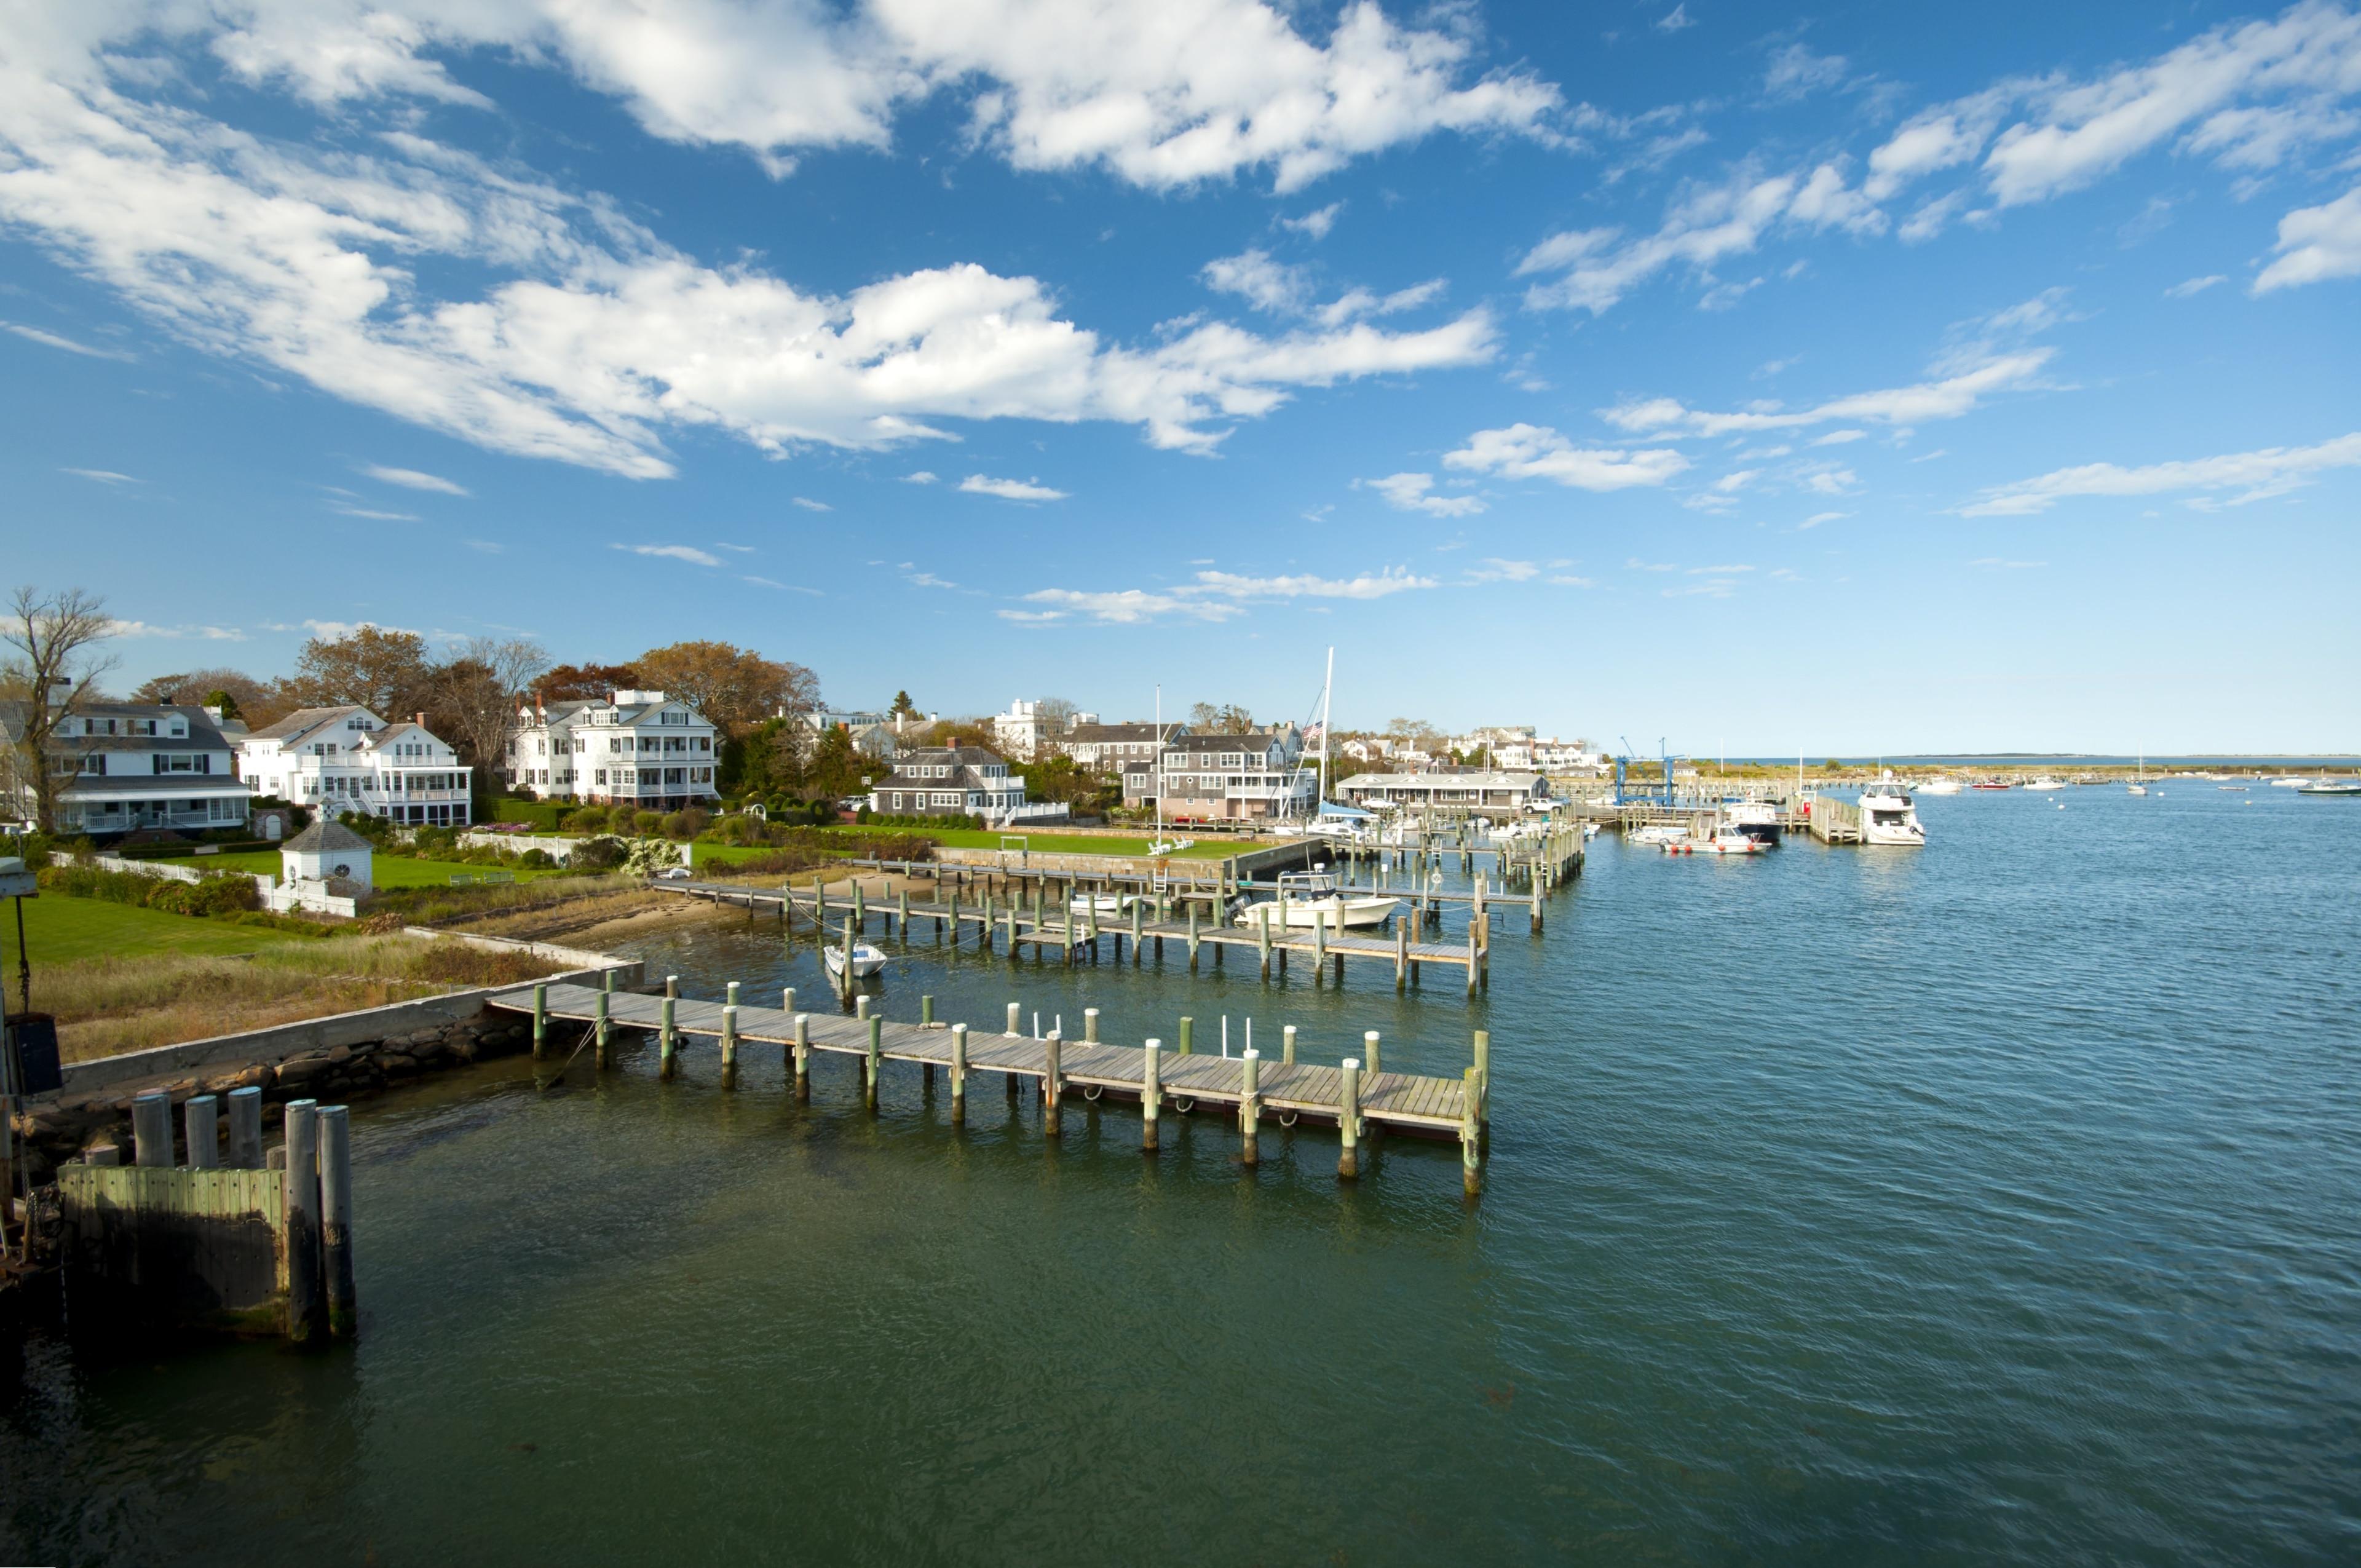 Edgartown, Massachusetts, United States of America